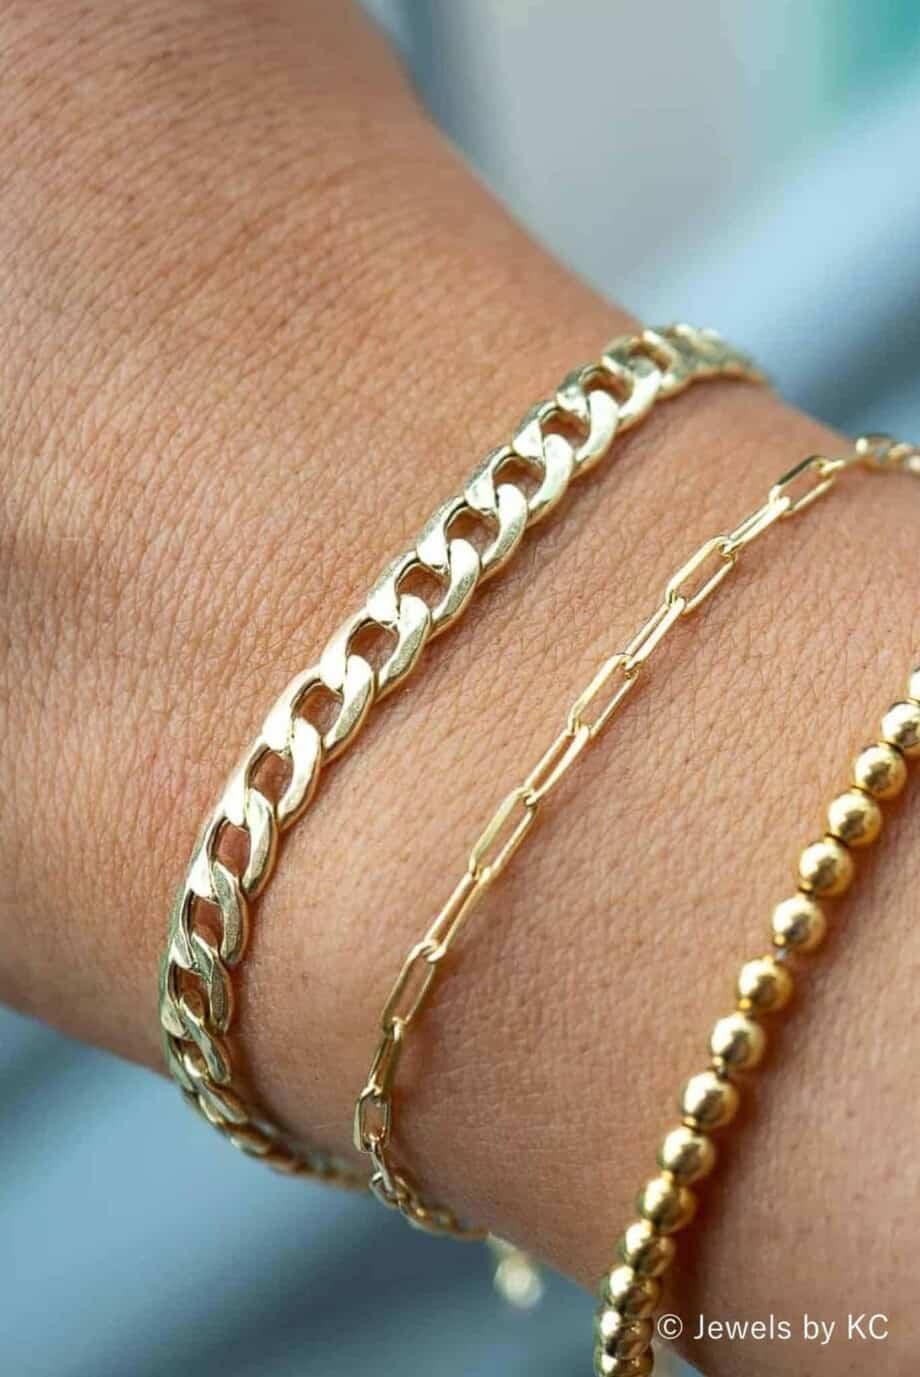 S-AR-20147-Gouden-armband 'Power chain' van Goud op Zilver